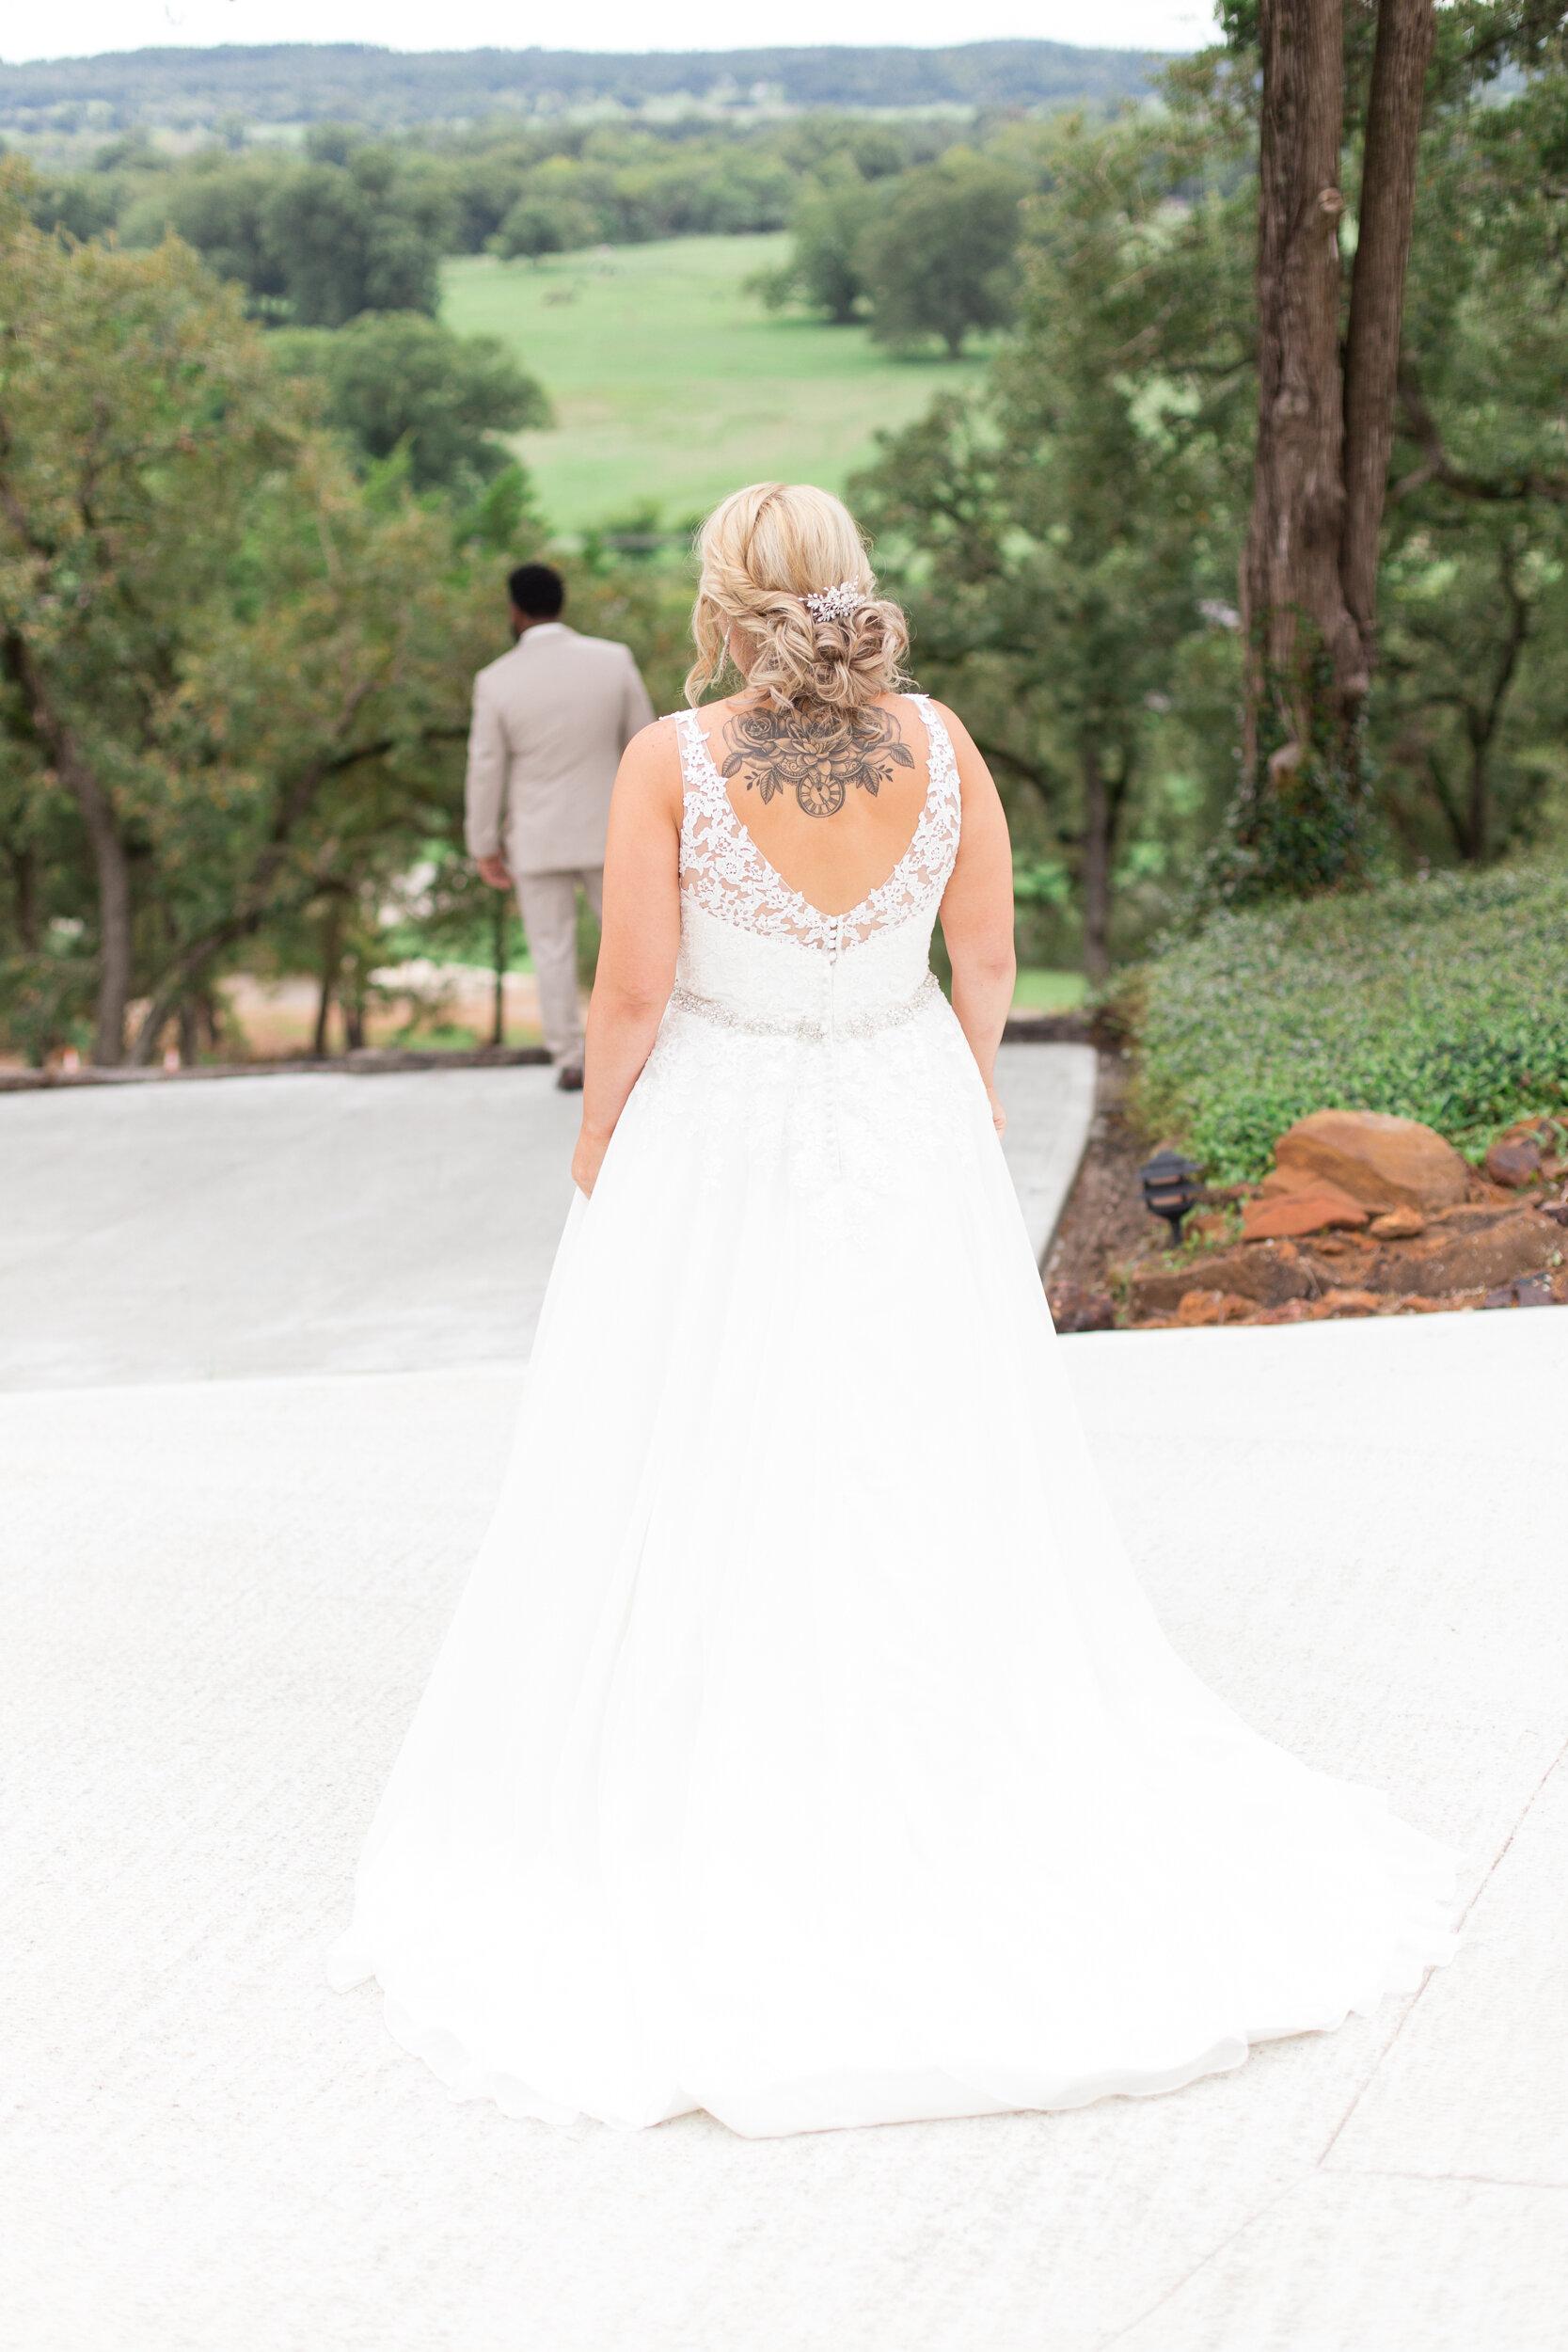 Emanuel-Wedding_kelsiehendricksphotography-20.jpg